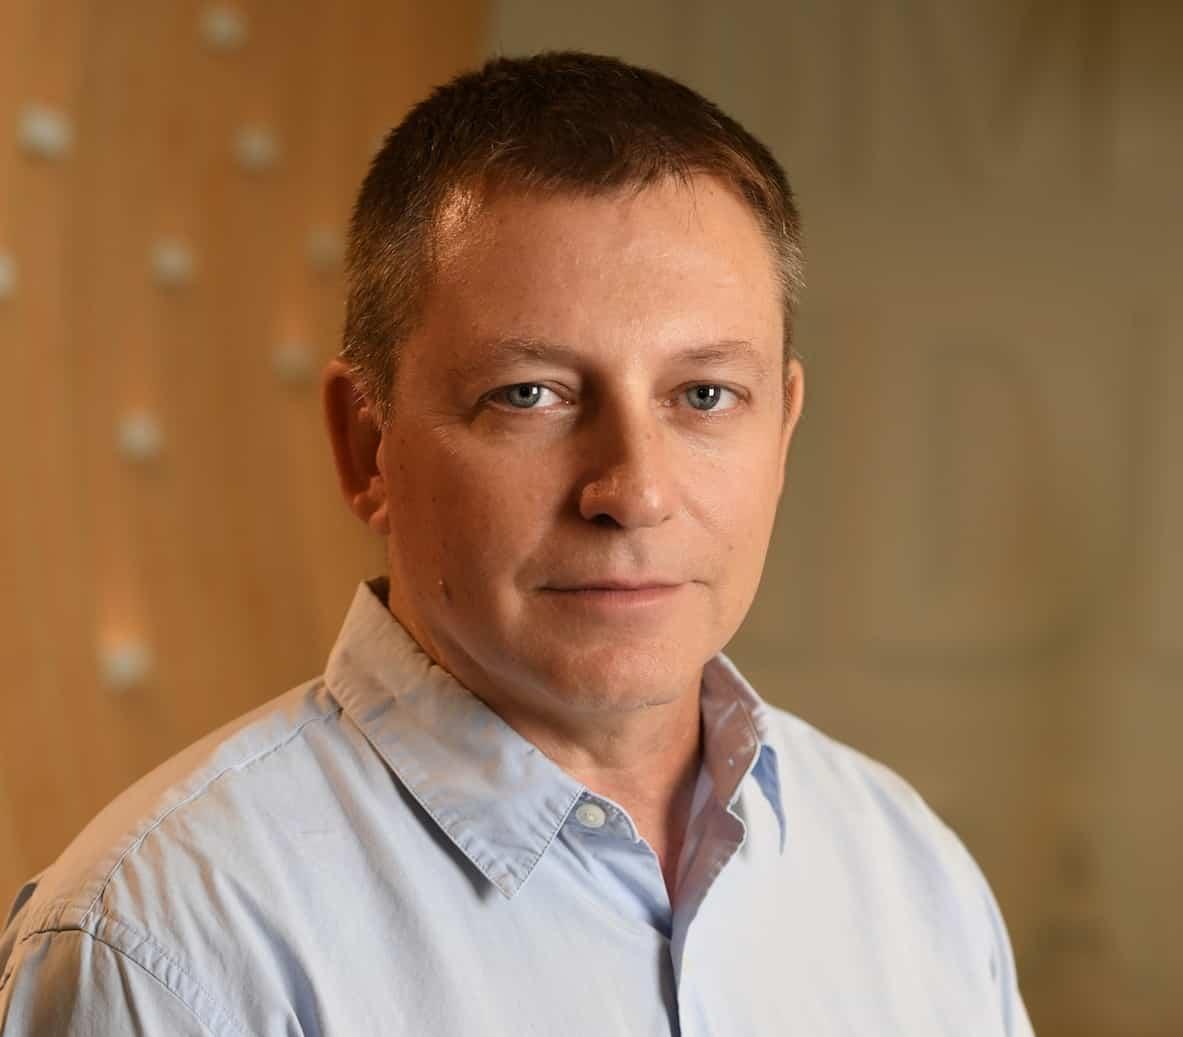 צביקה בובליצקי מנהל תחום הייעוץ באקסנצ'ר ישראל. קרדיט צילום: אלעד גוטמן